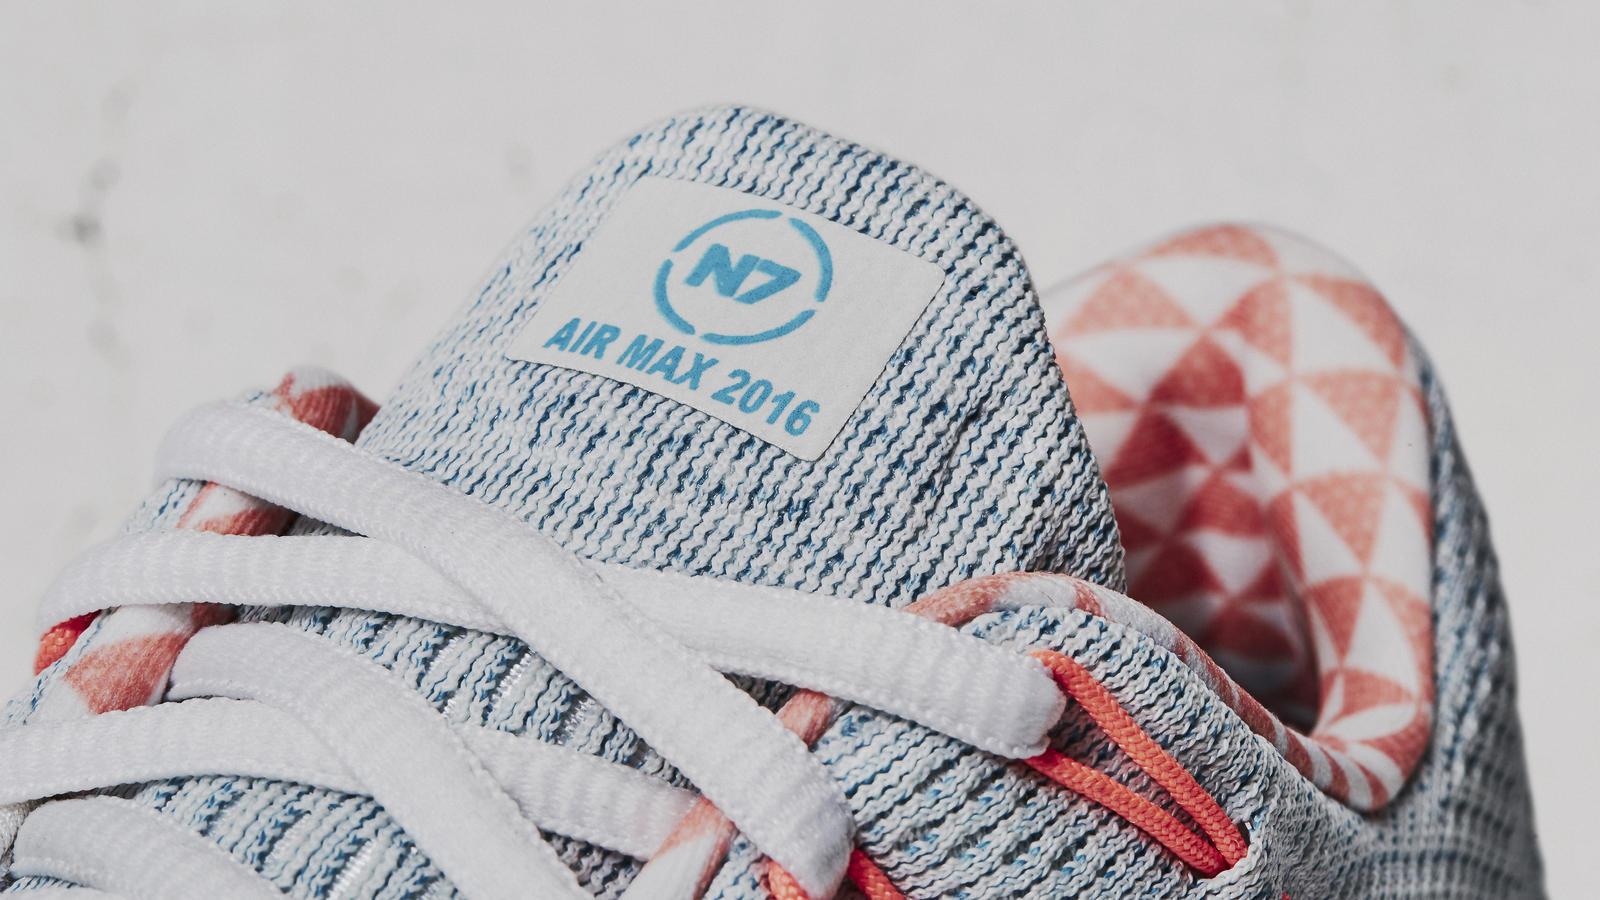 WMNS Nike Air Max 2016 N7 Nike News